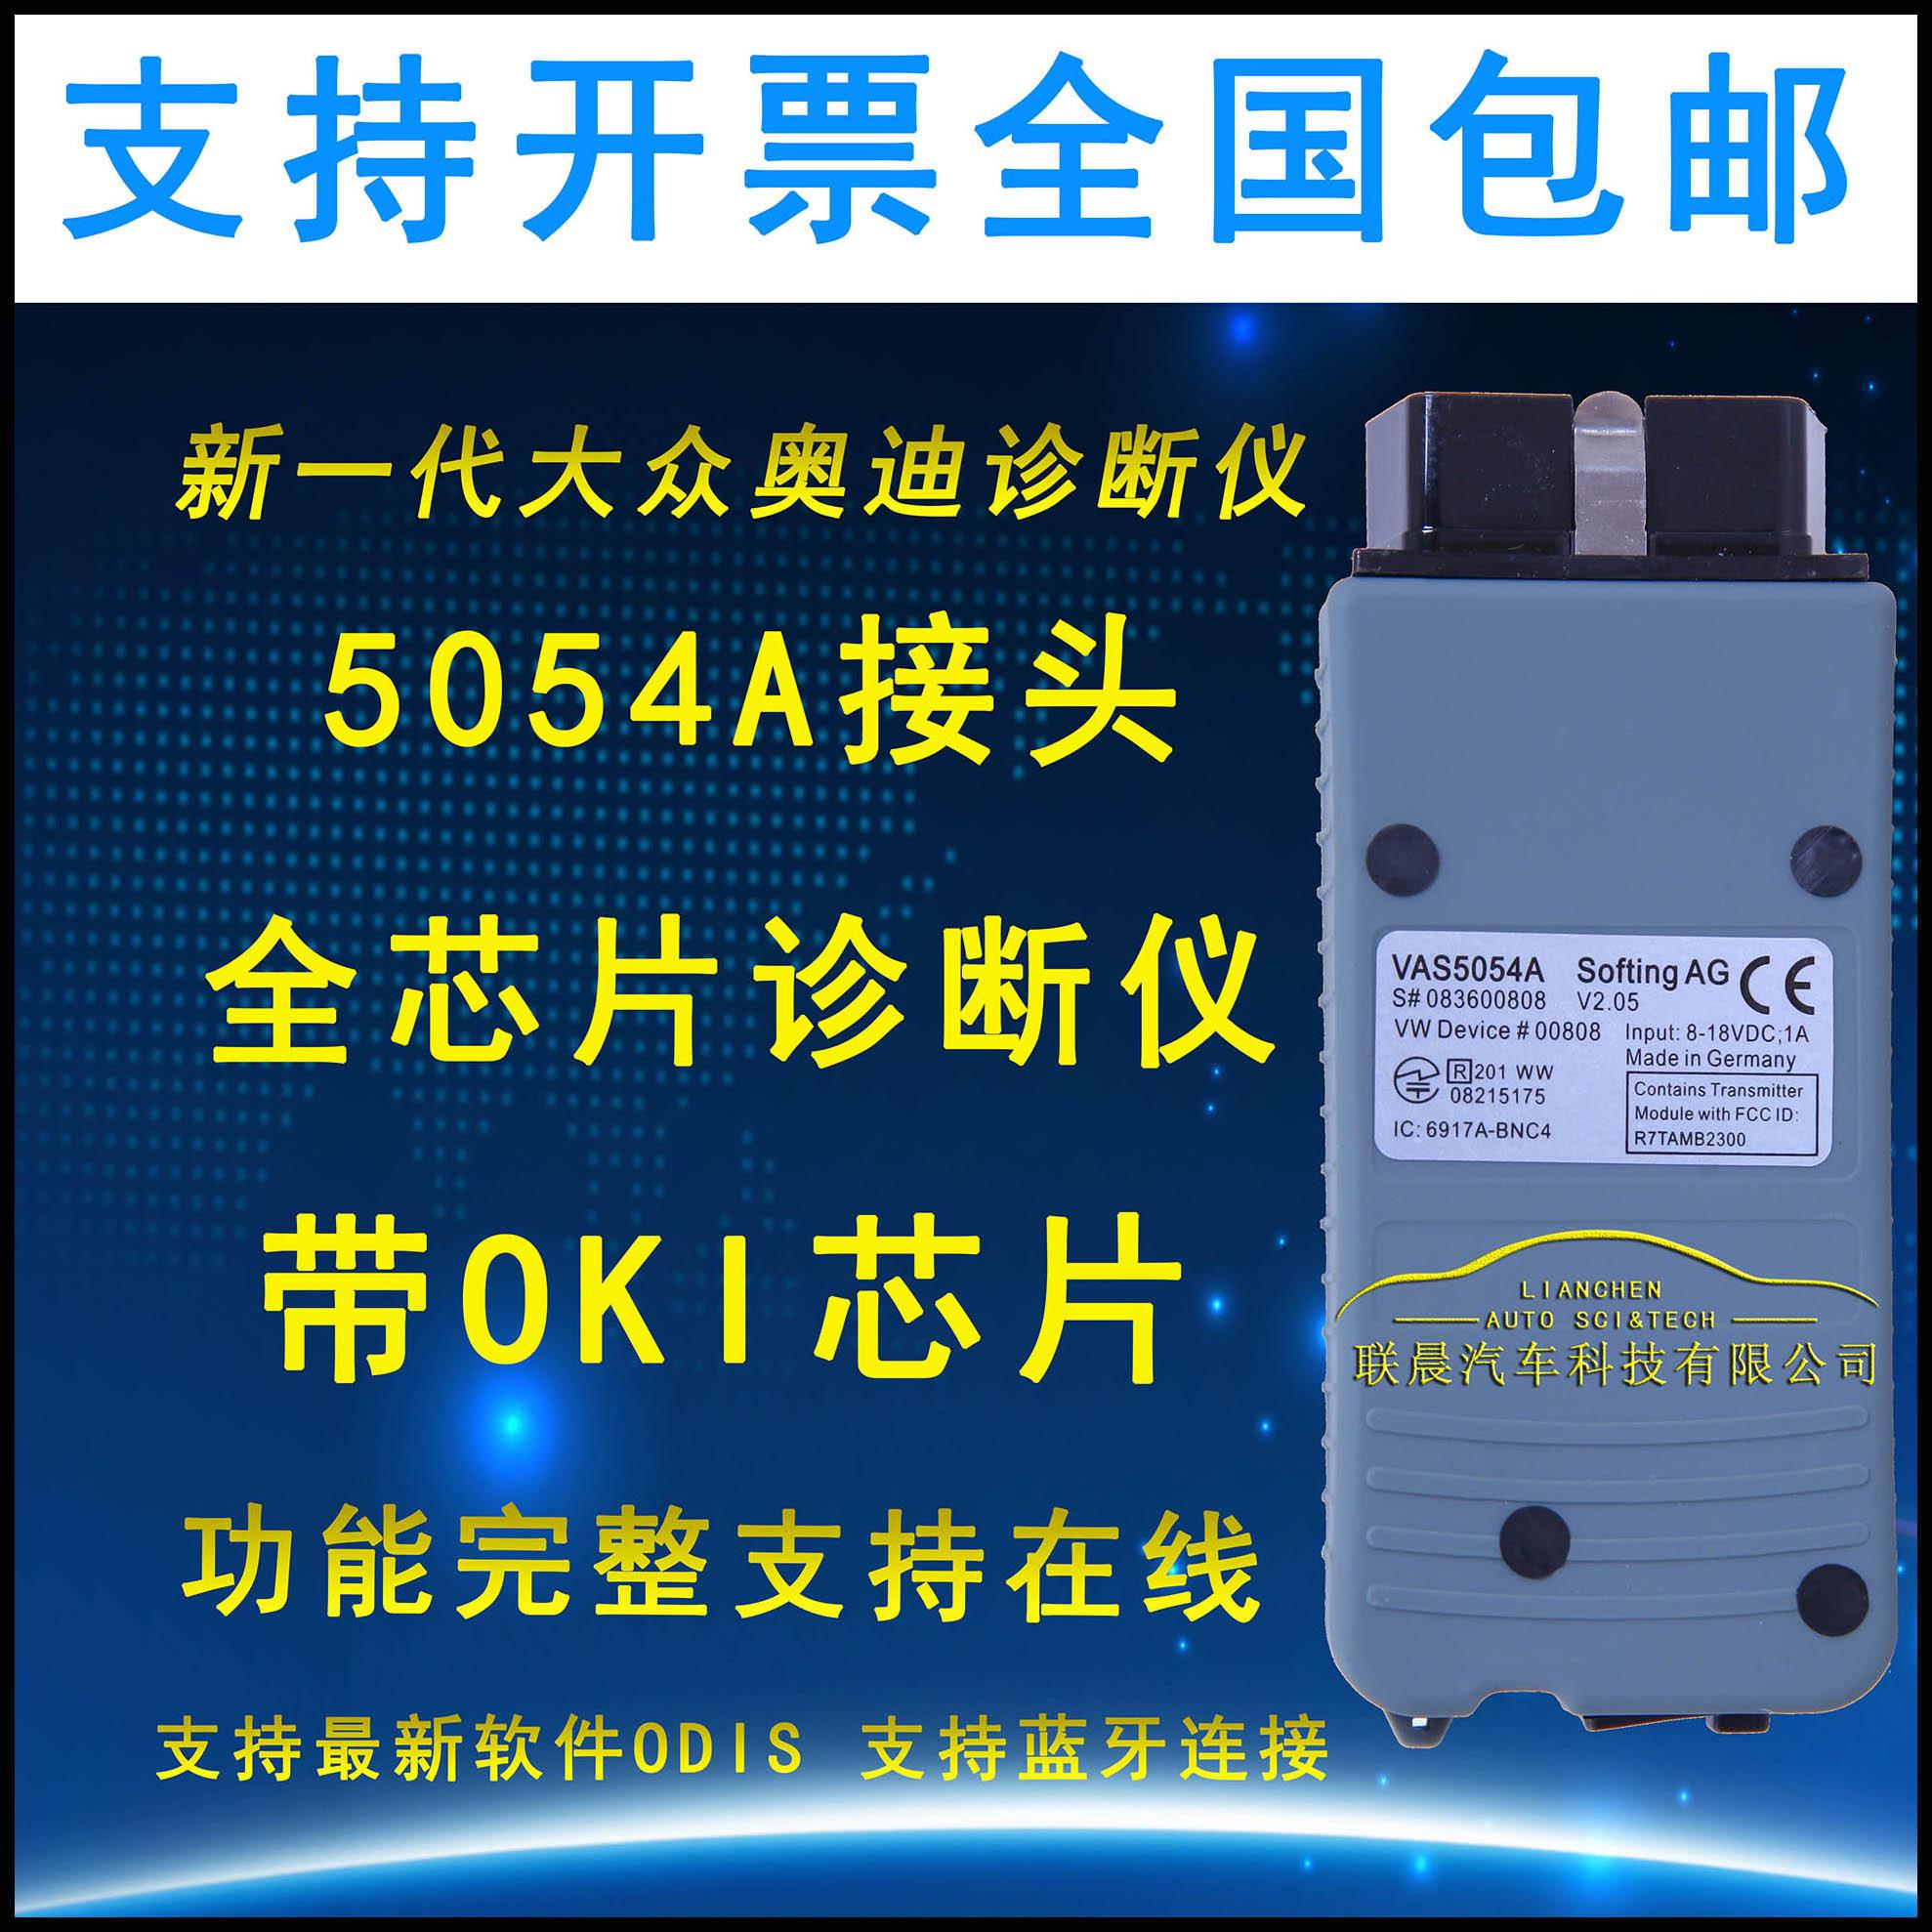 5054A volkswagen audi skoda консультация перерыв инструмент ODIS bluetooth соединитель импорт соединитель все чип OKI чип